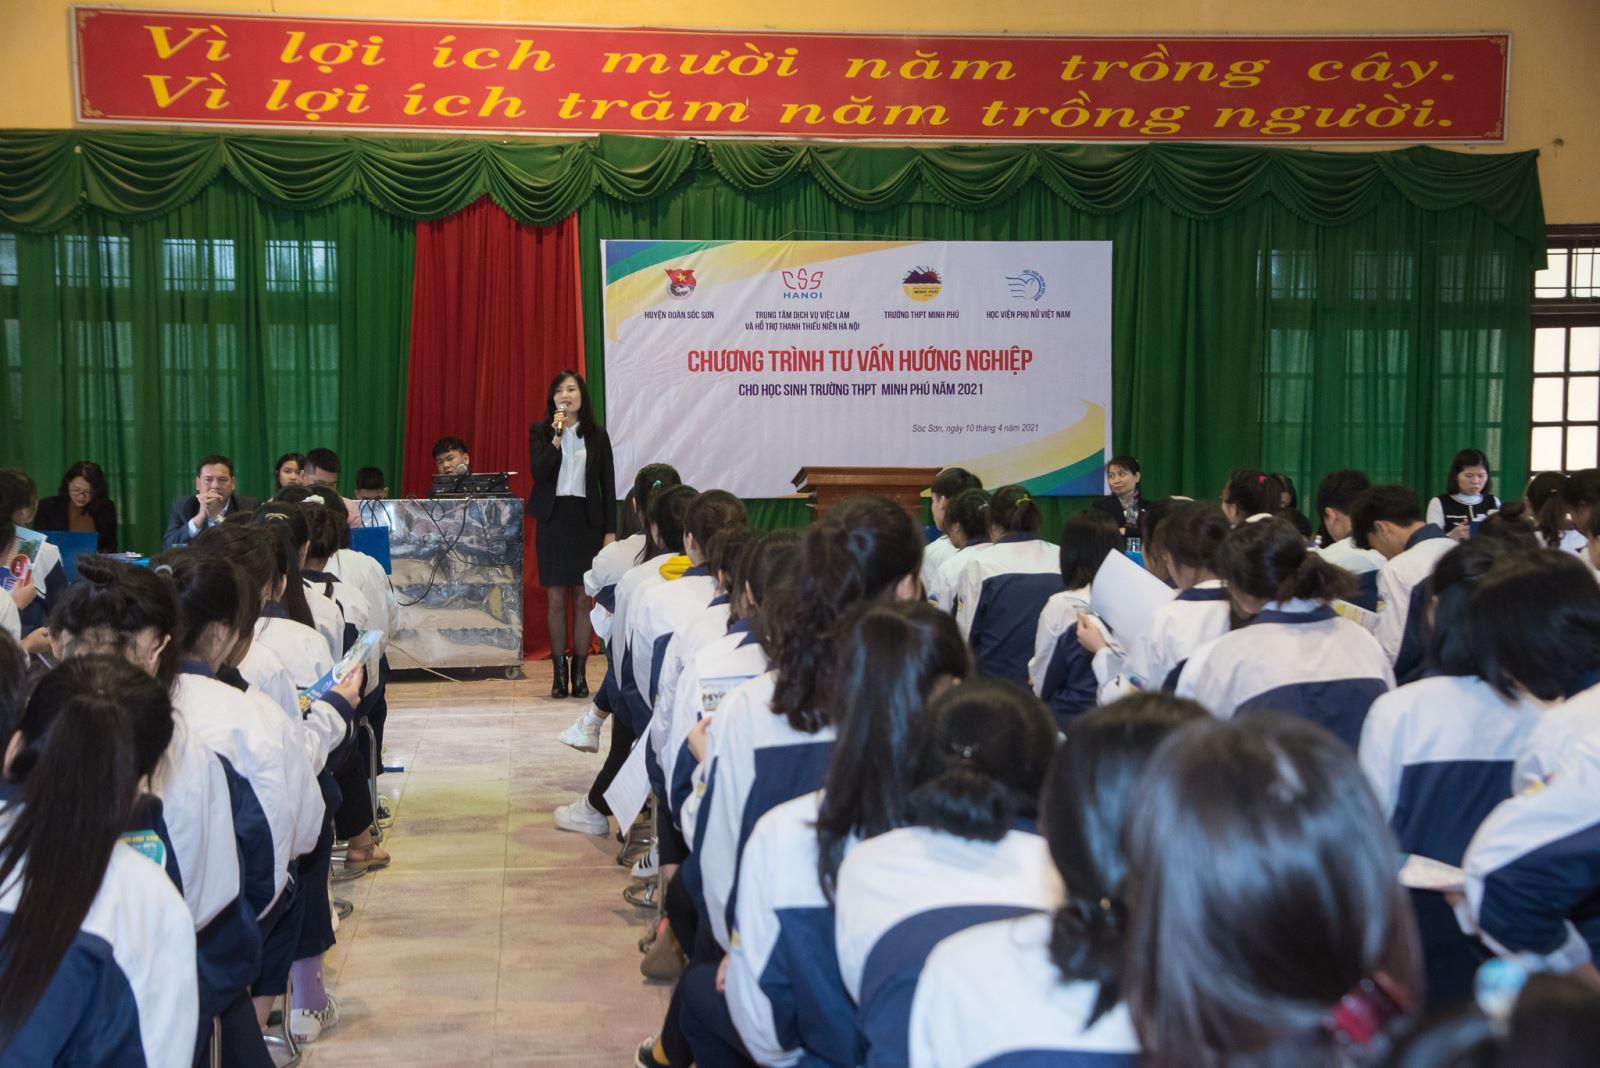 Tư vấn hướng nghiệp tại trường THPT Minh Phú - Sóc Sơn - Hà Nội